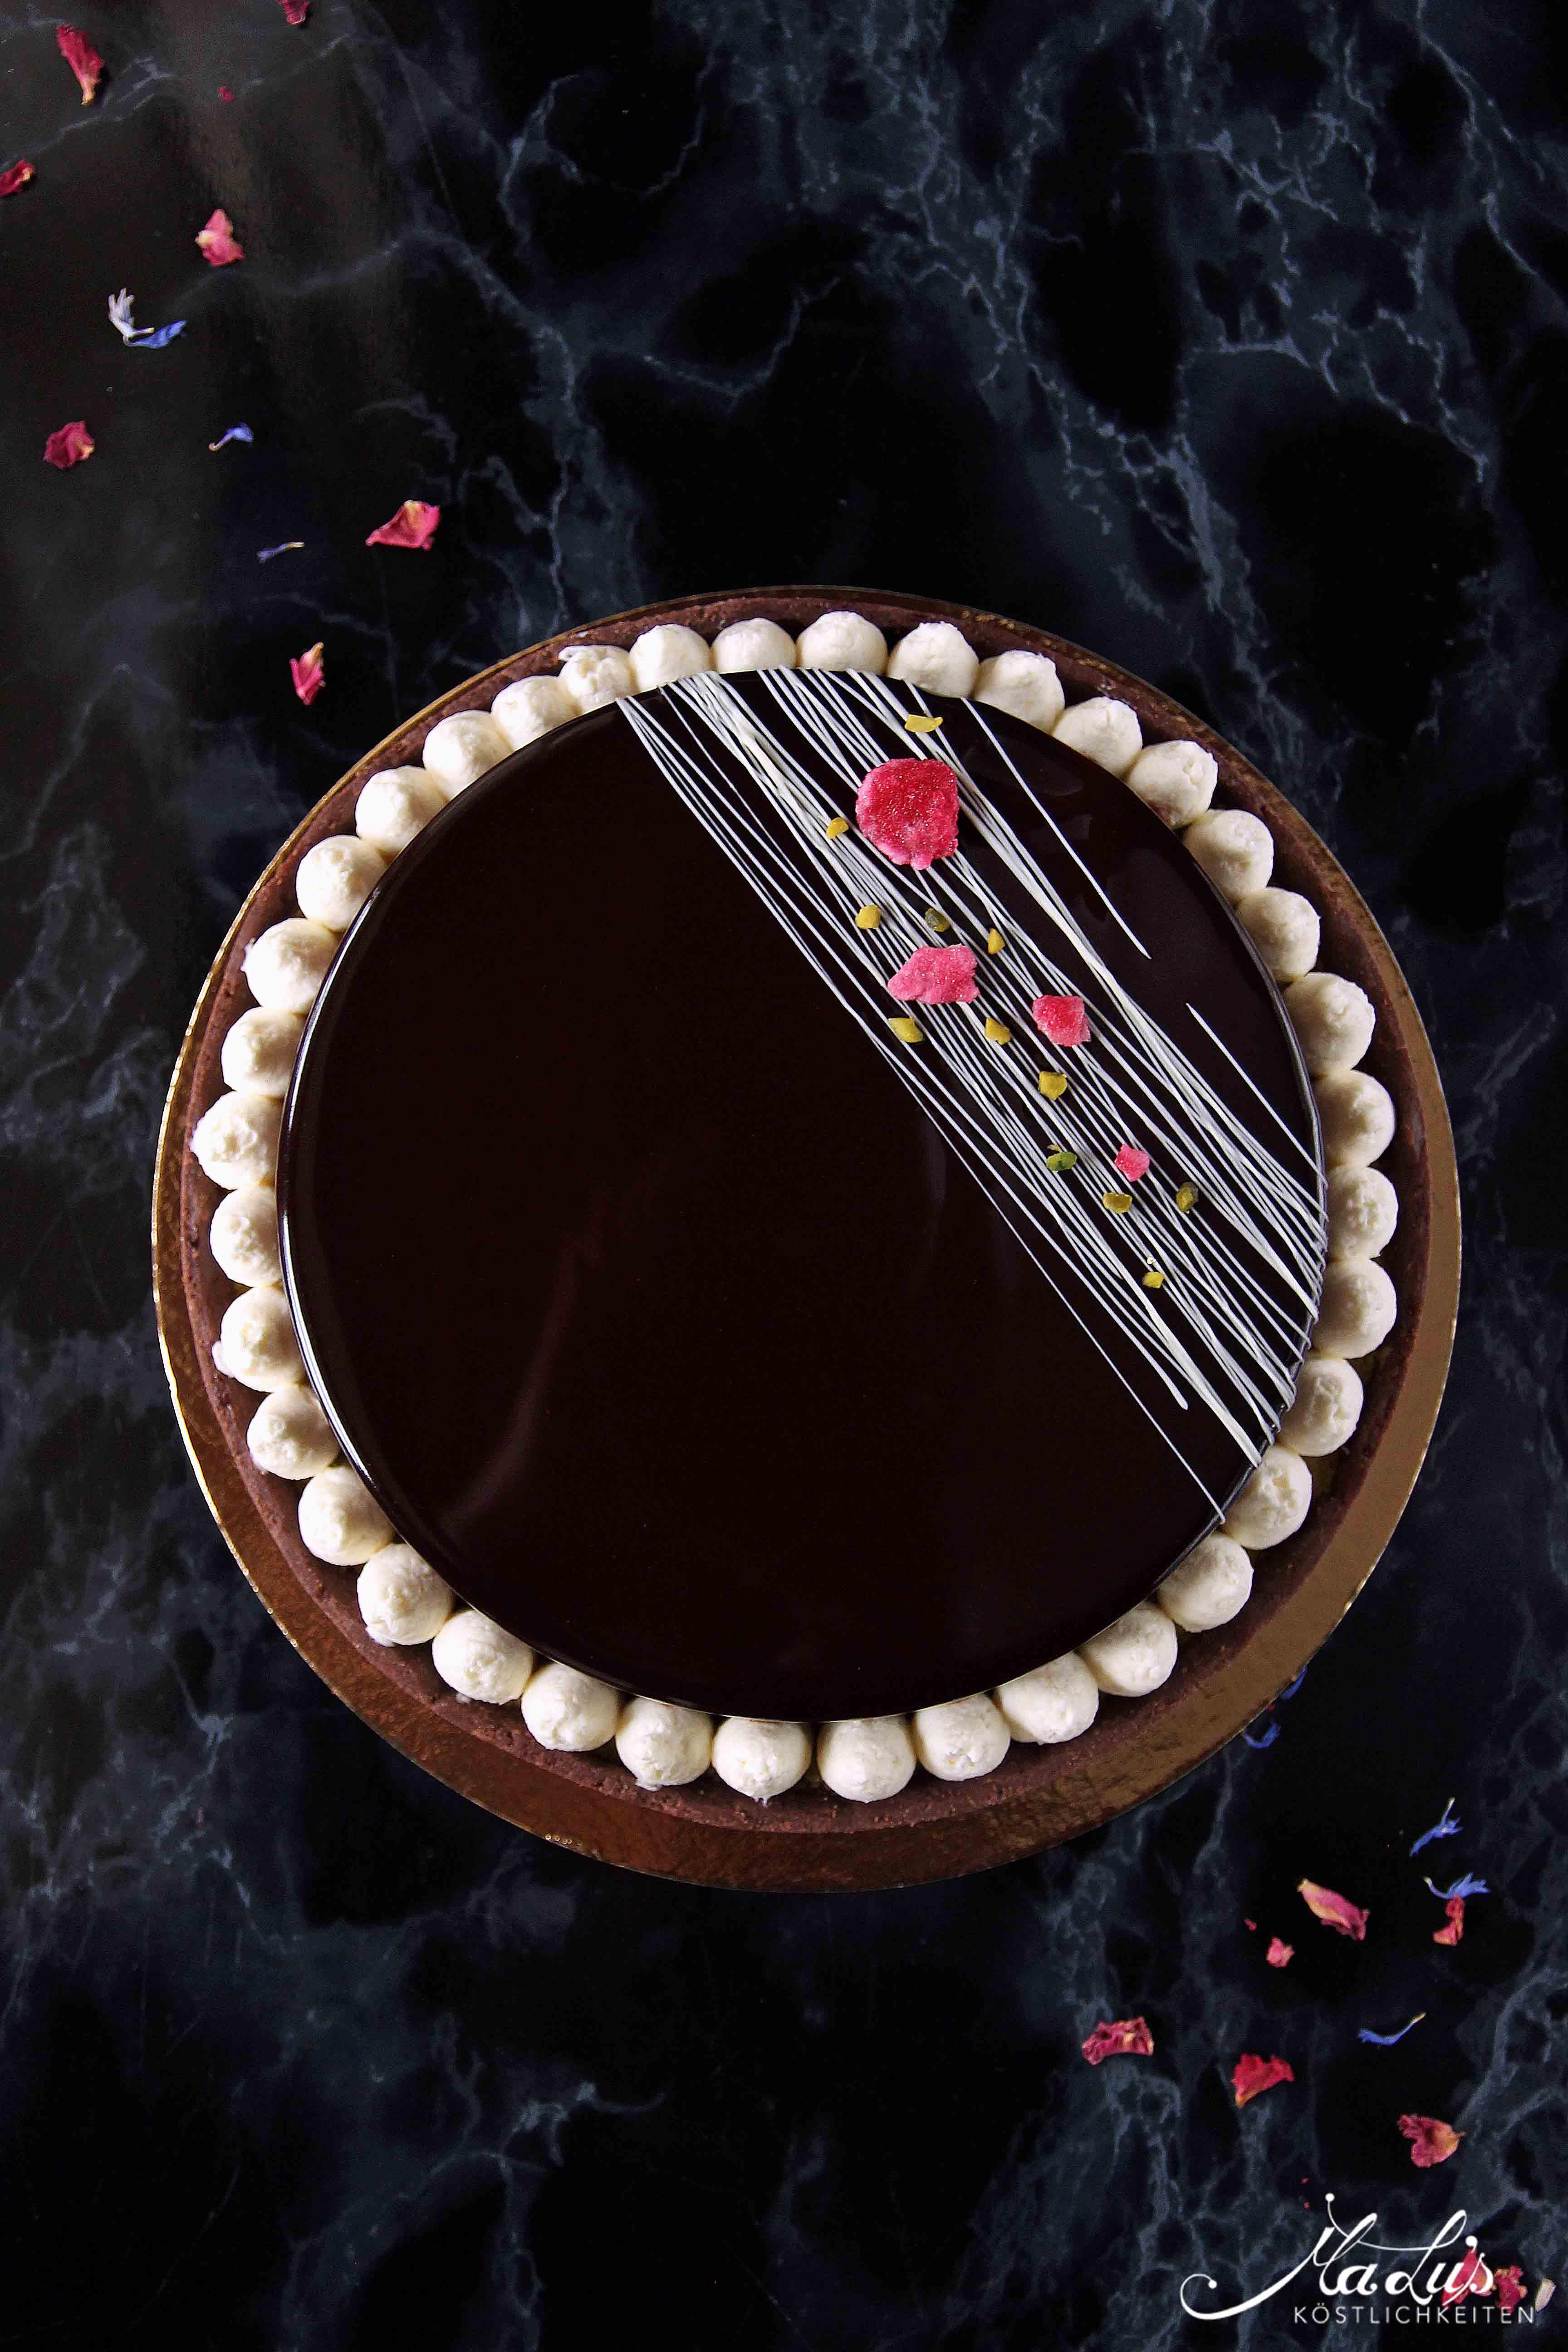 Schokoladentarte mit Pistazie und Kokos